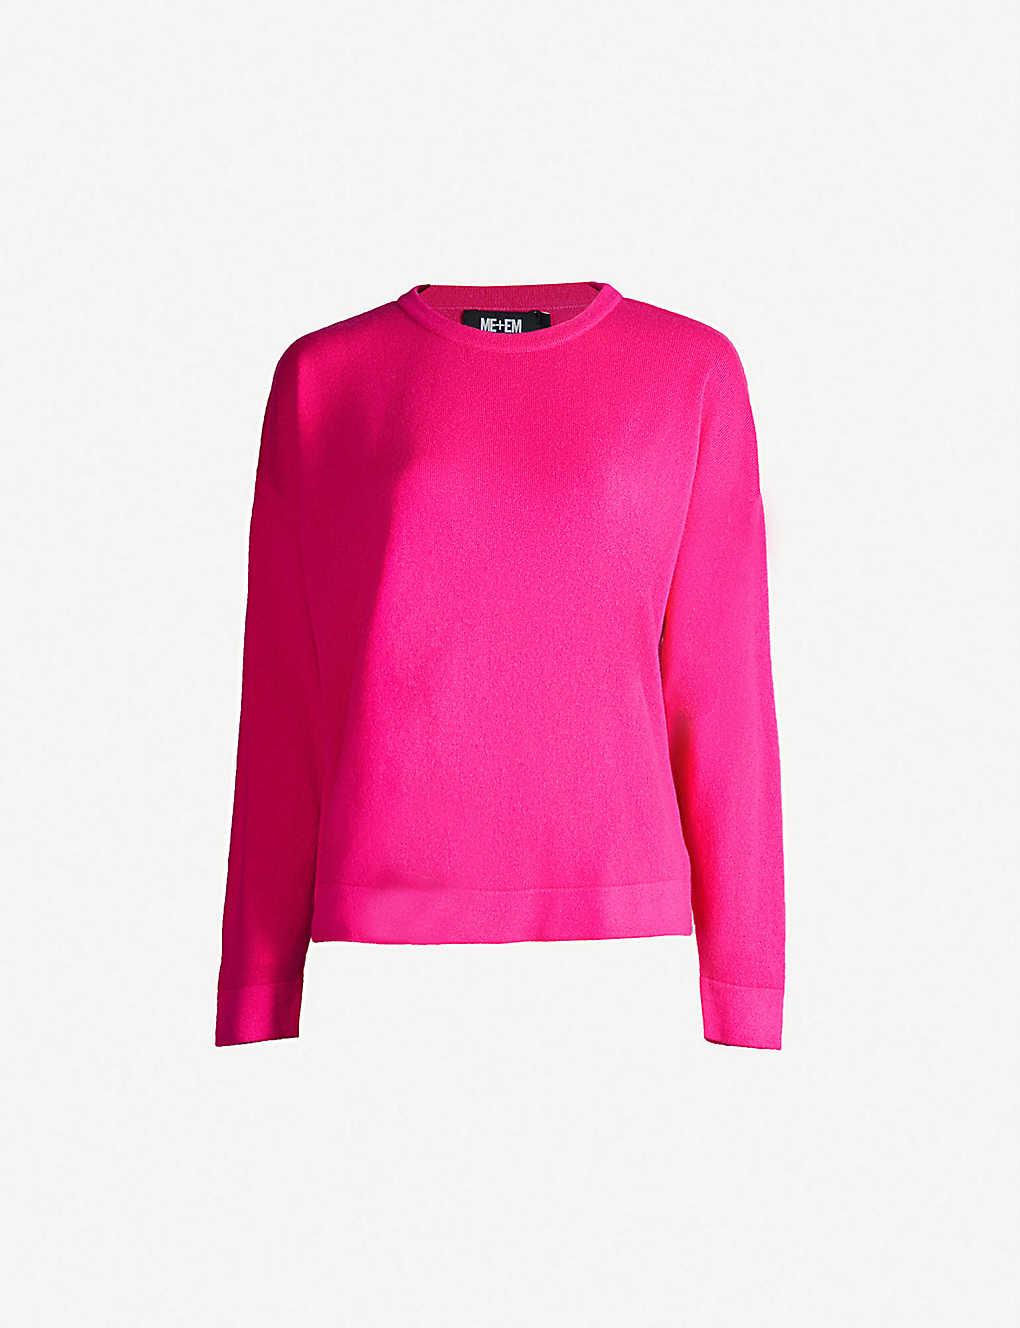 cfe6839f8f707f ME AND EM - Round-neck cashmere jumper | Selfridges.com